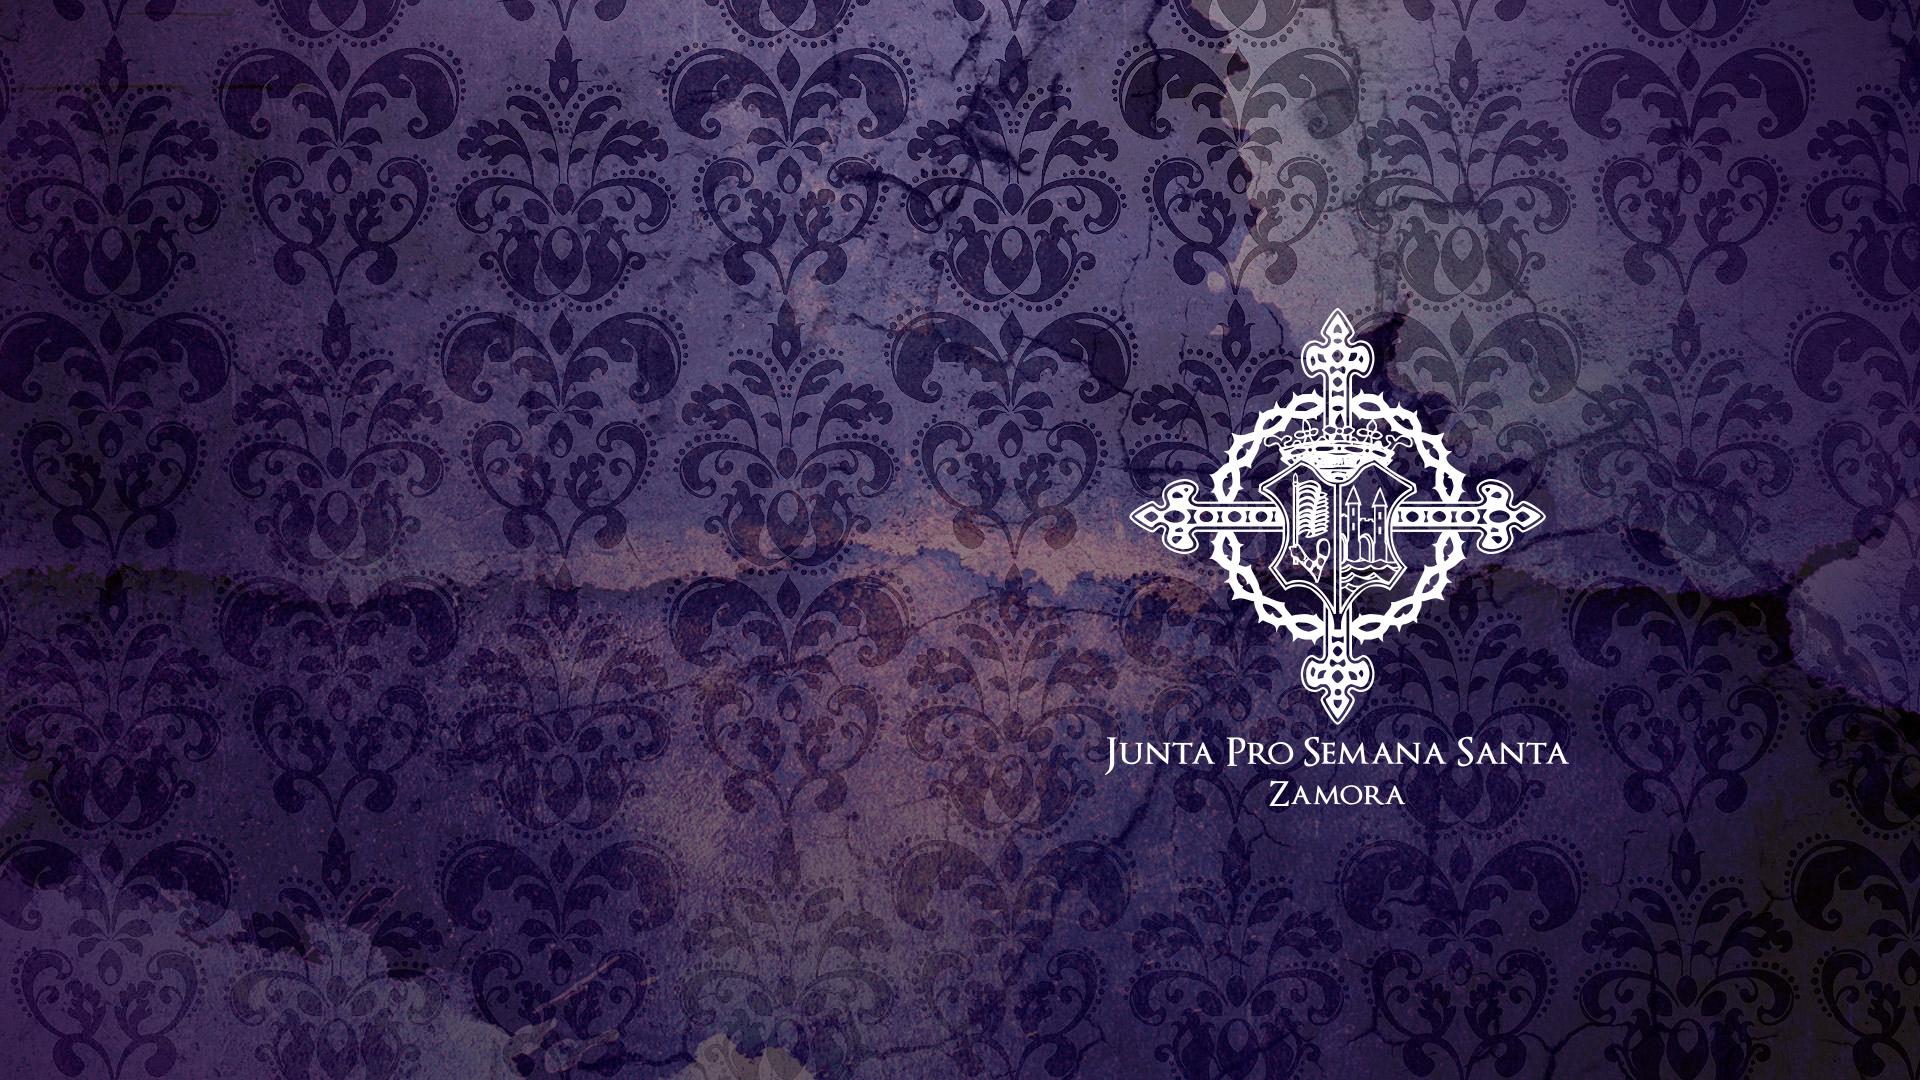 El Museo de Semana Santa de Zamora abrirá sus puertas al público